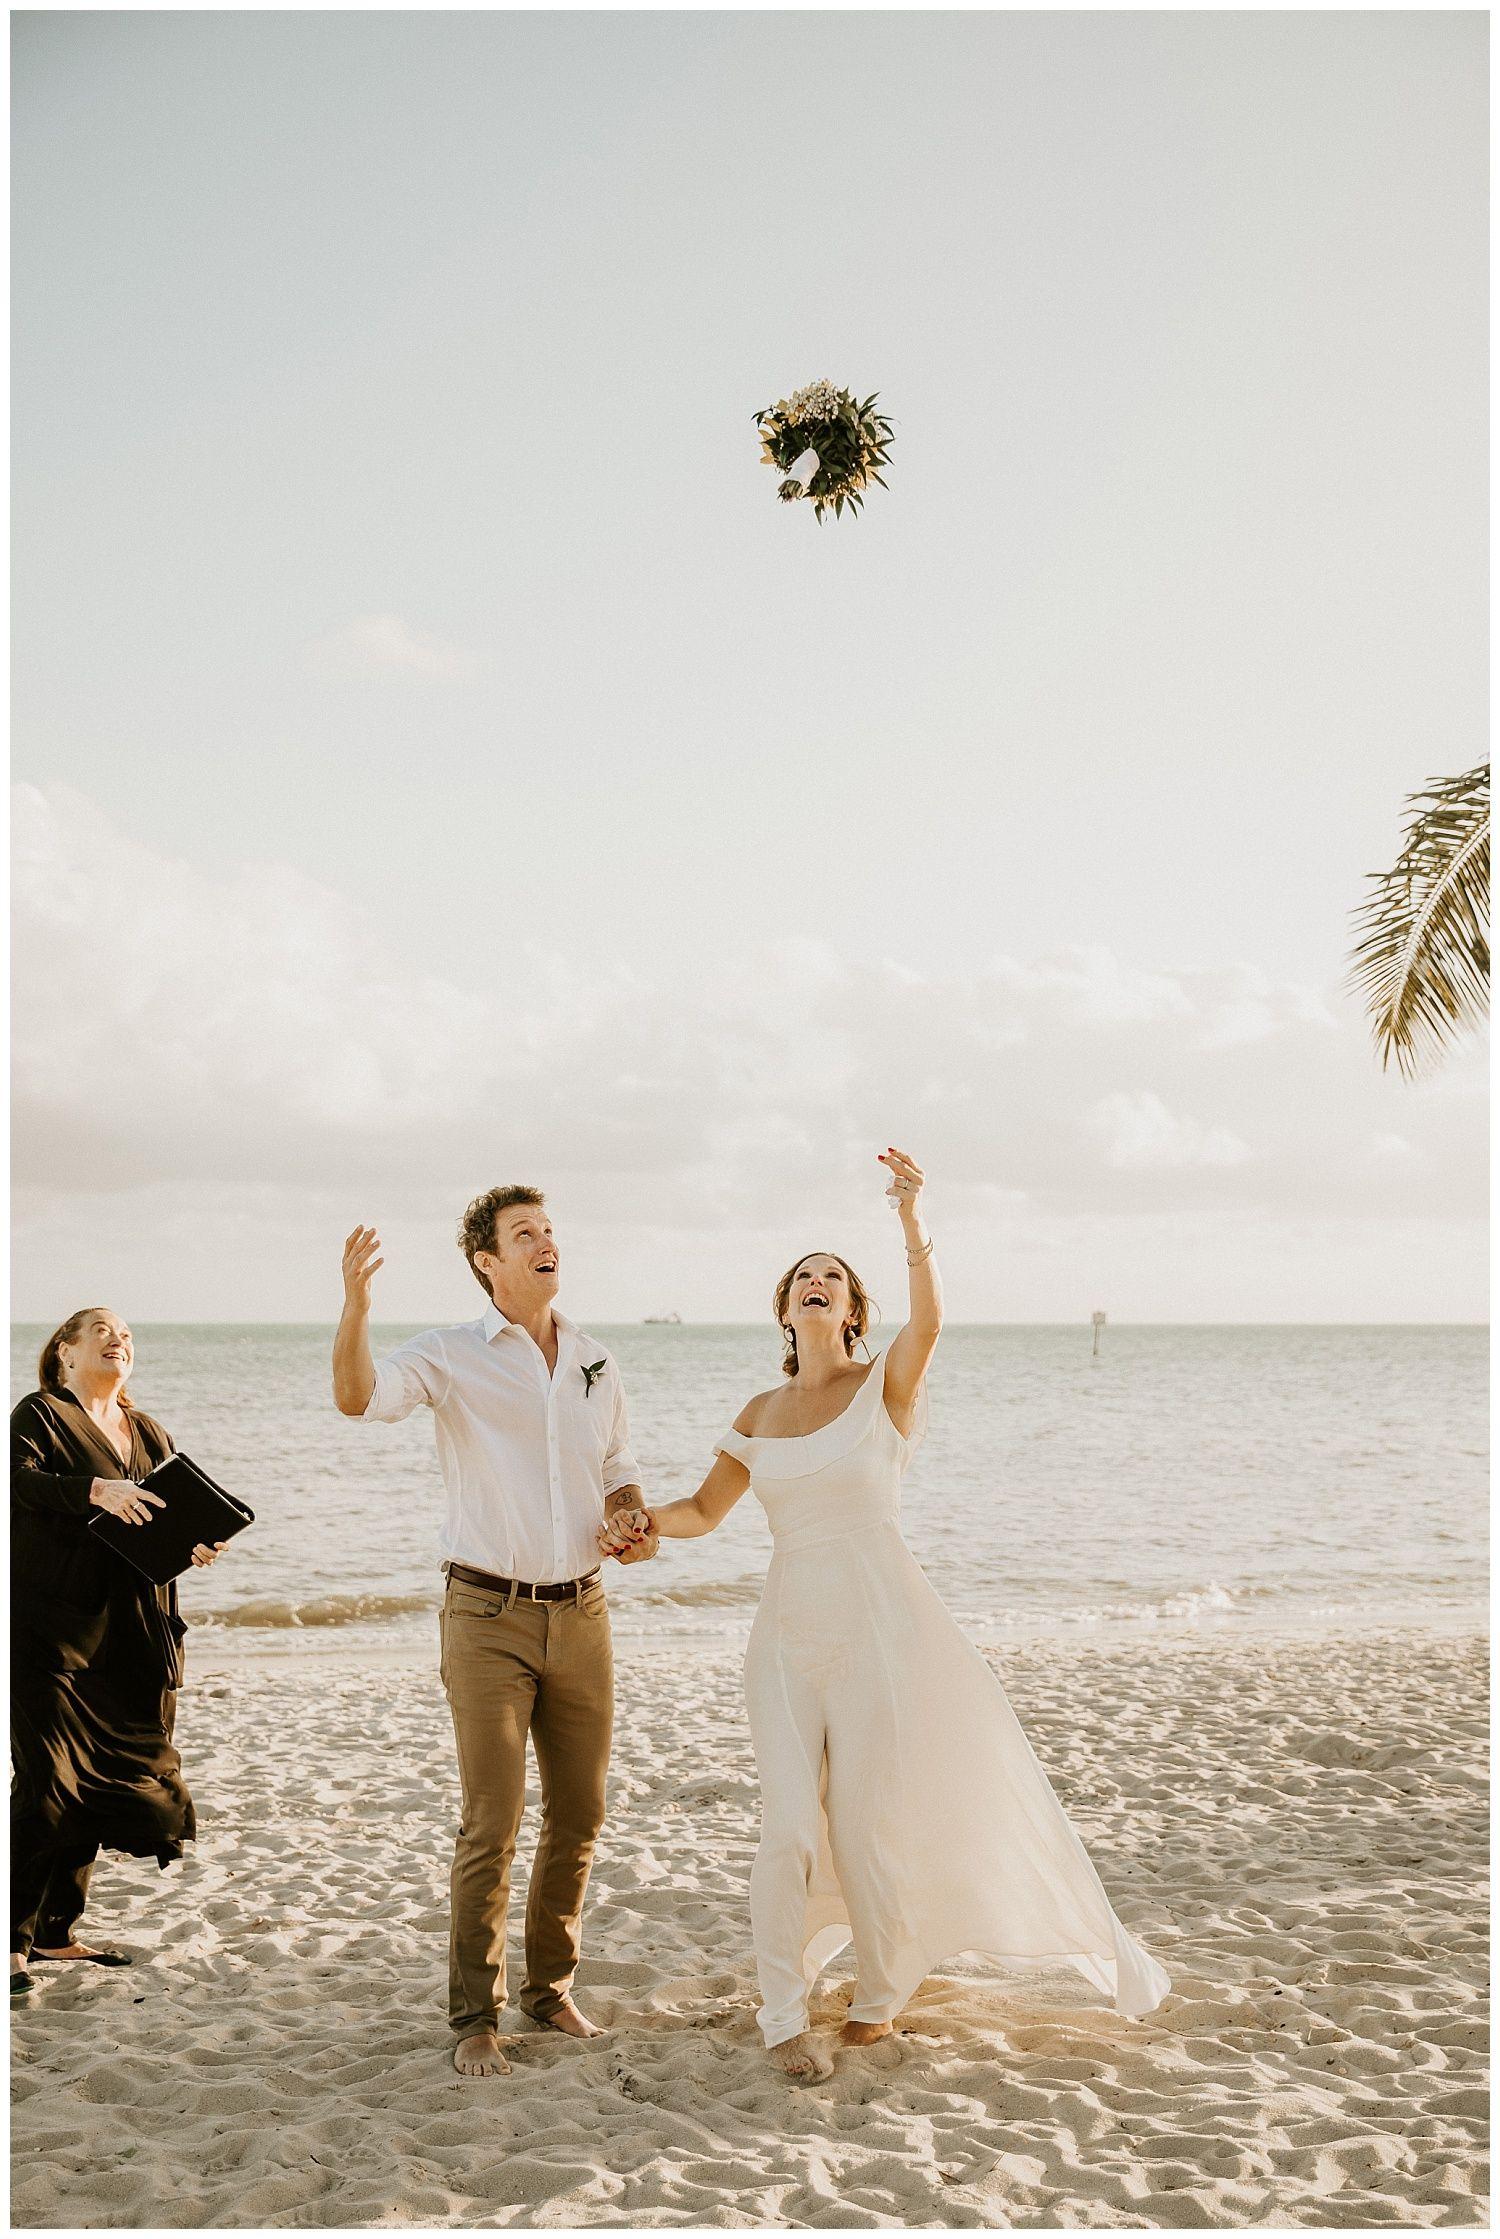 Smathers Beach Elopement Beach Elopement Palm Beach Wedding Destination Wedding Photographer